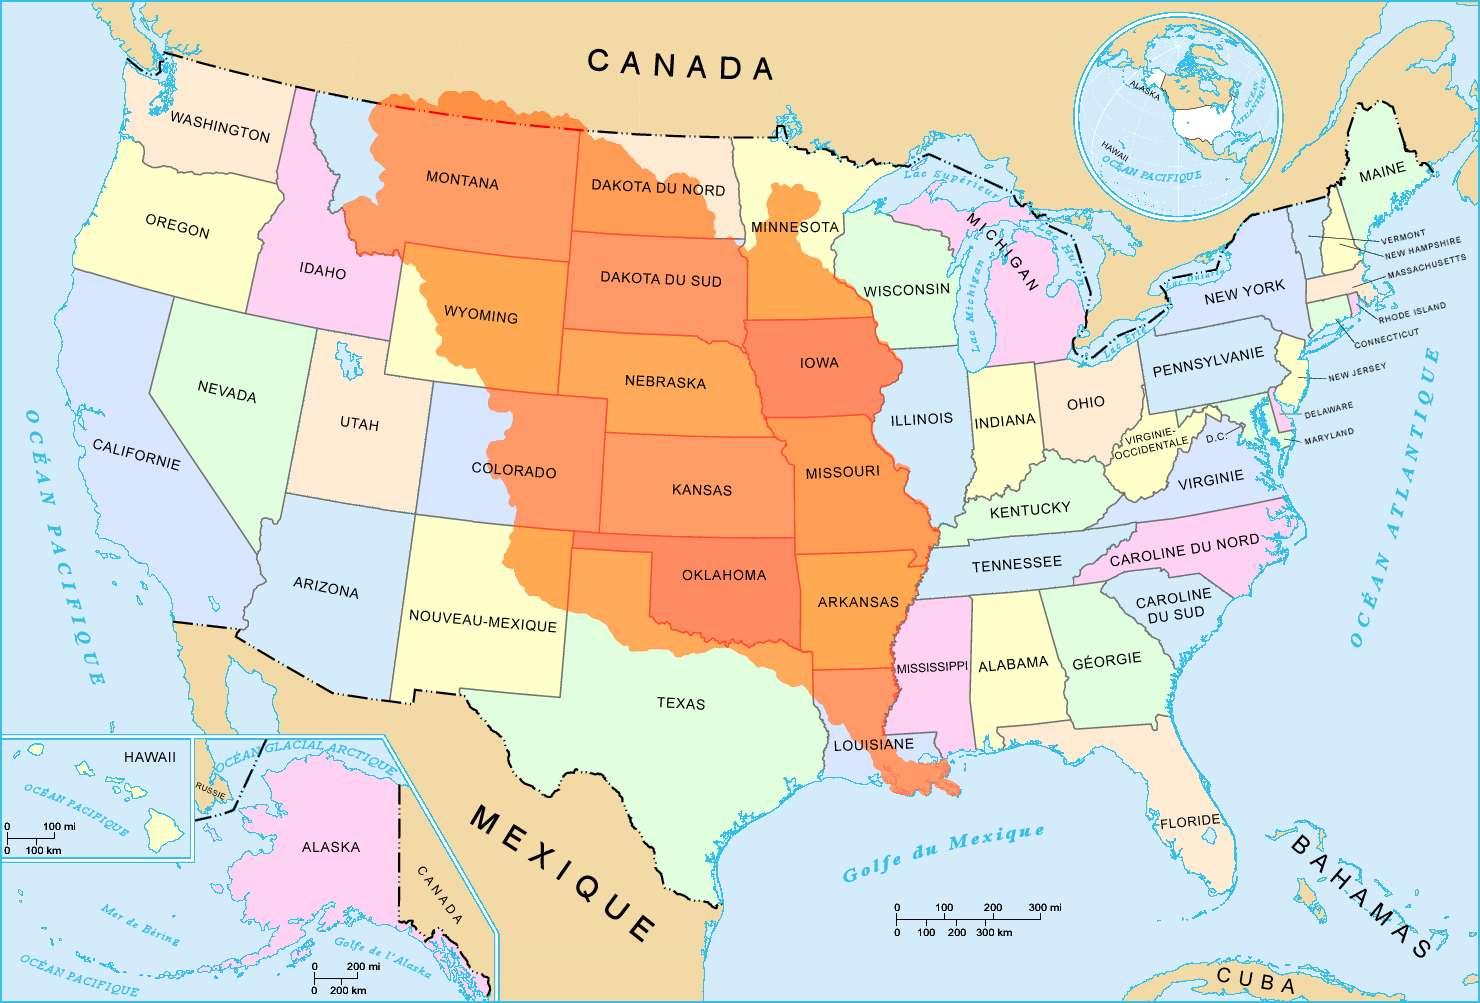 La vente de la Louisiane aux États-Unis, en 1803, concernait un immense territoire (en orange sur la carte), appartenant alors à la France. © Wikigraphists, Wikimedia Commons, cc by sa 3.0